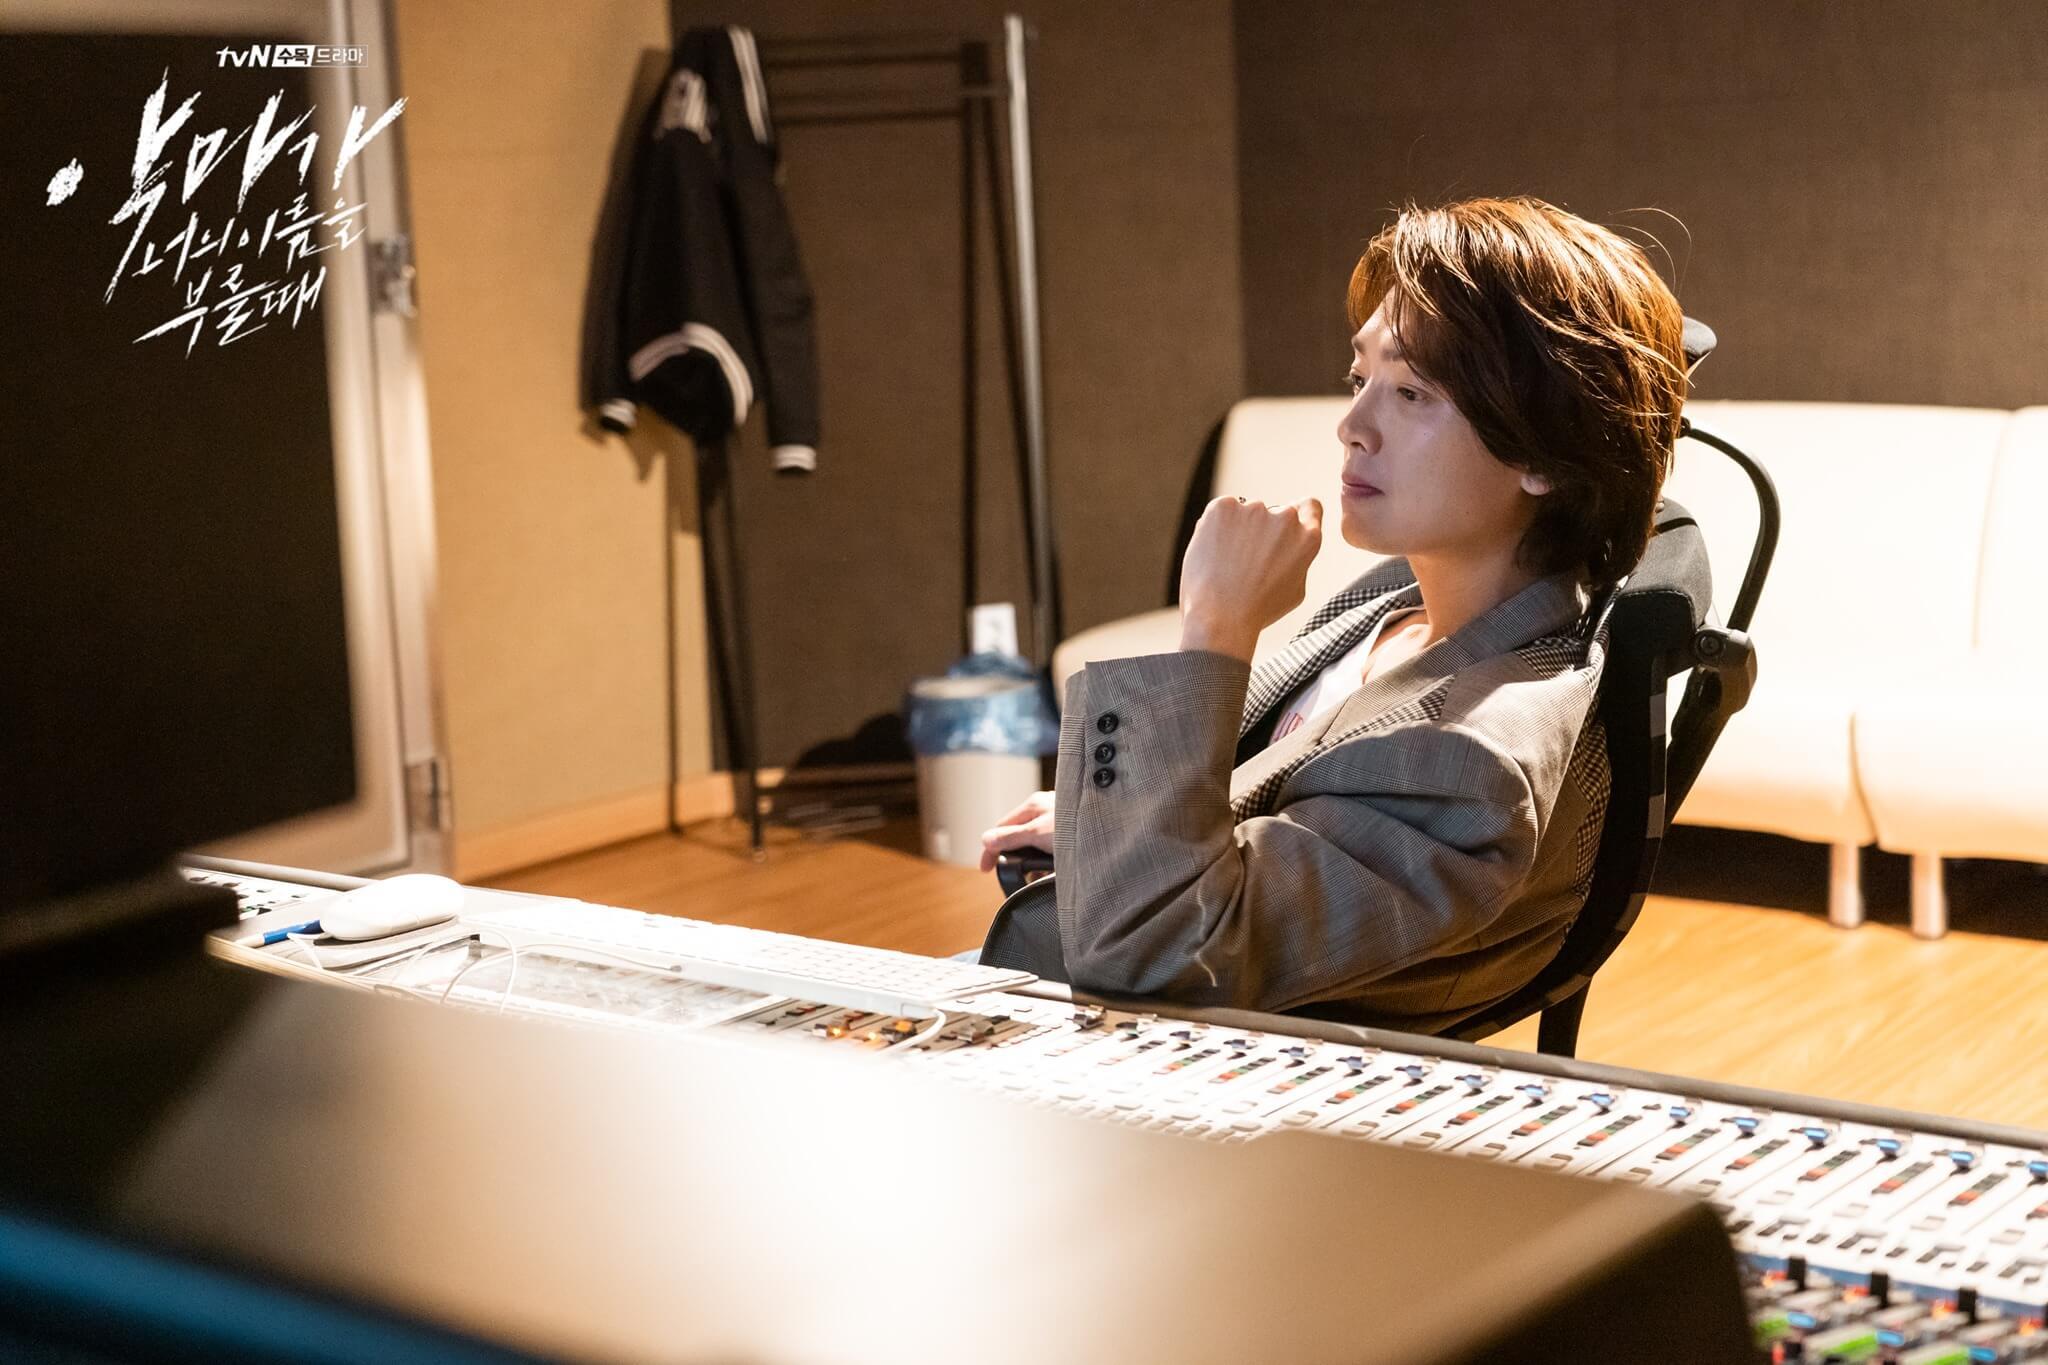 鄭敬淏雖然不熟悉音樂,但過去他也曾推出過兩首歌。